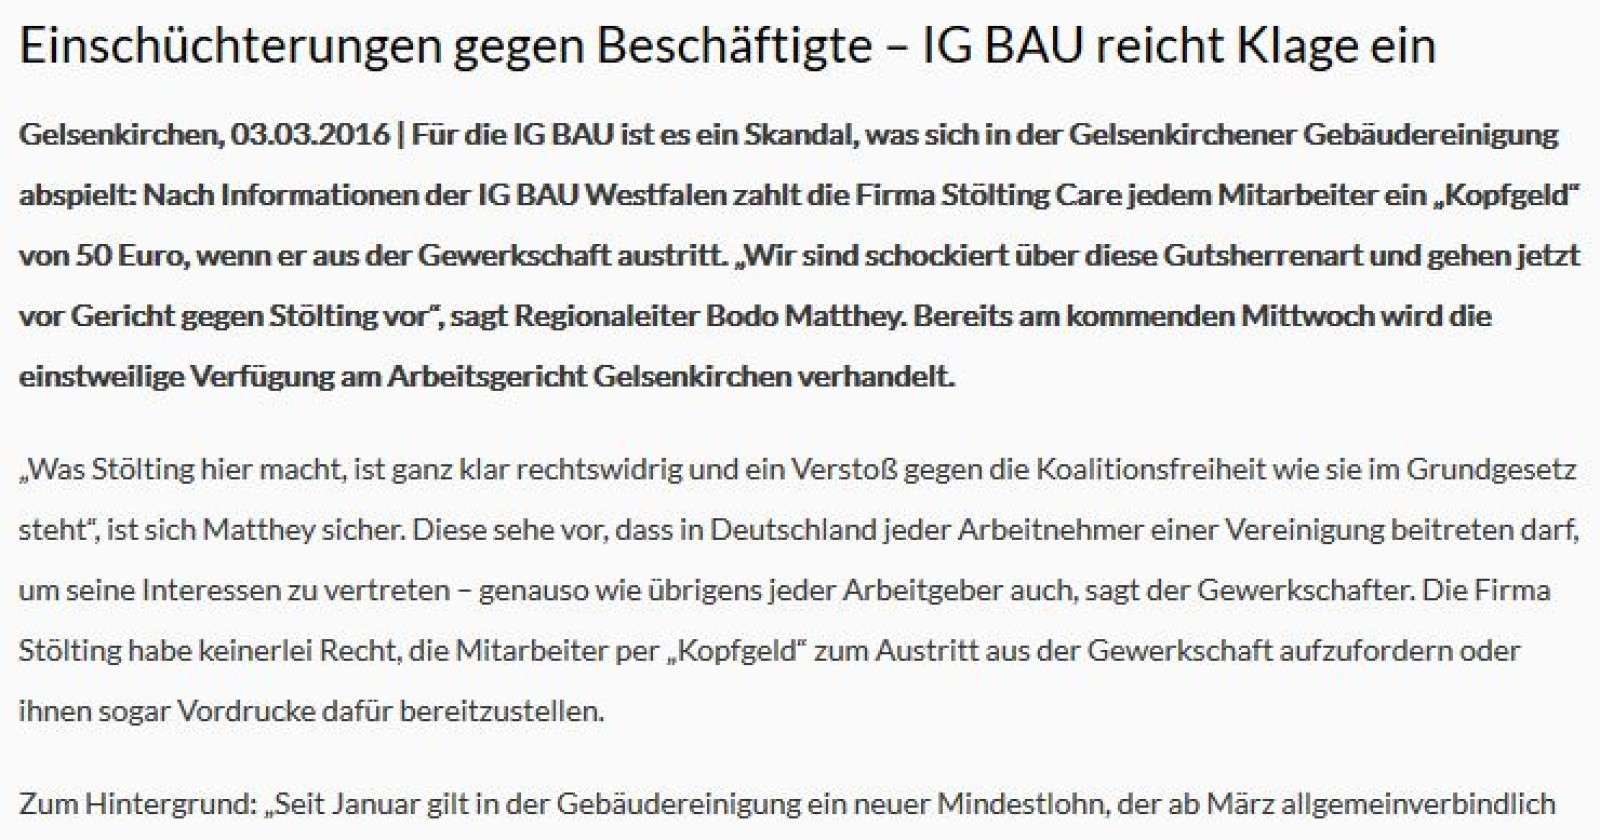 """Gelsenkirchener Reinigungsfirma Stölting zahlt """"Kopfgeld"""" für Gewerkschaftsaustritt"""